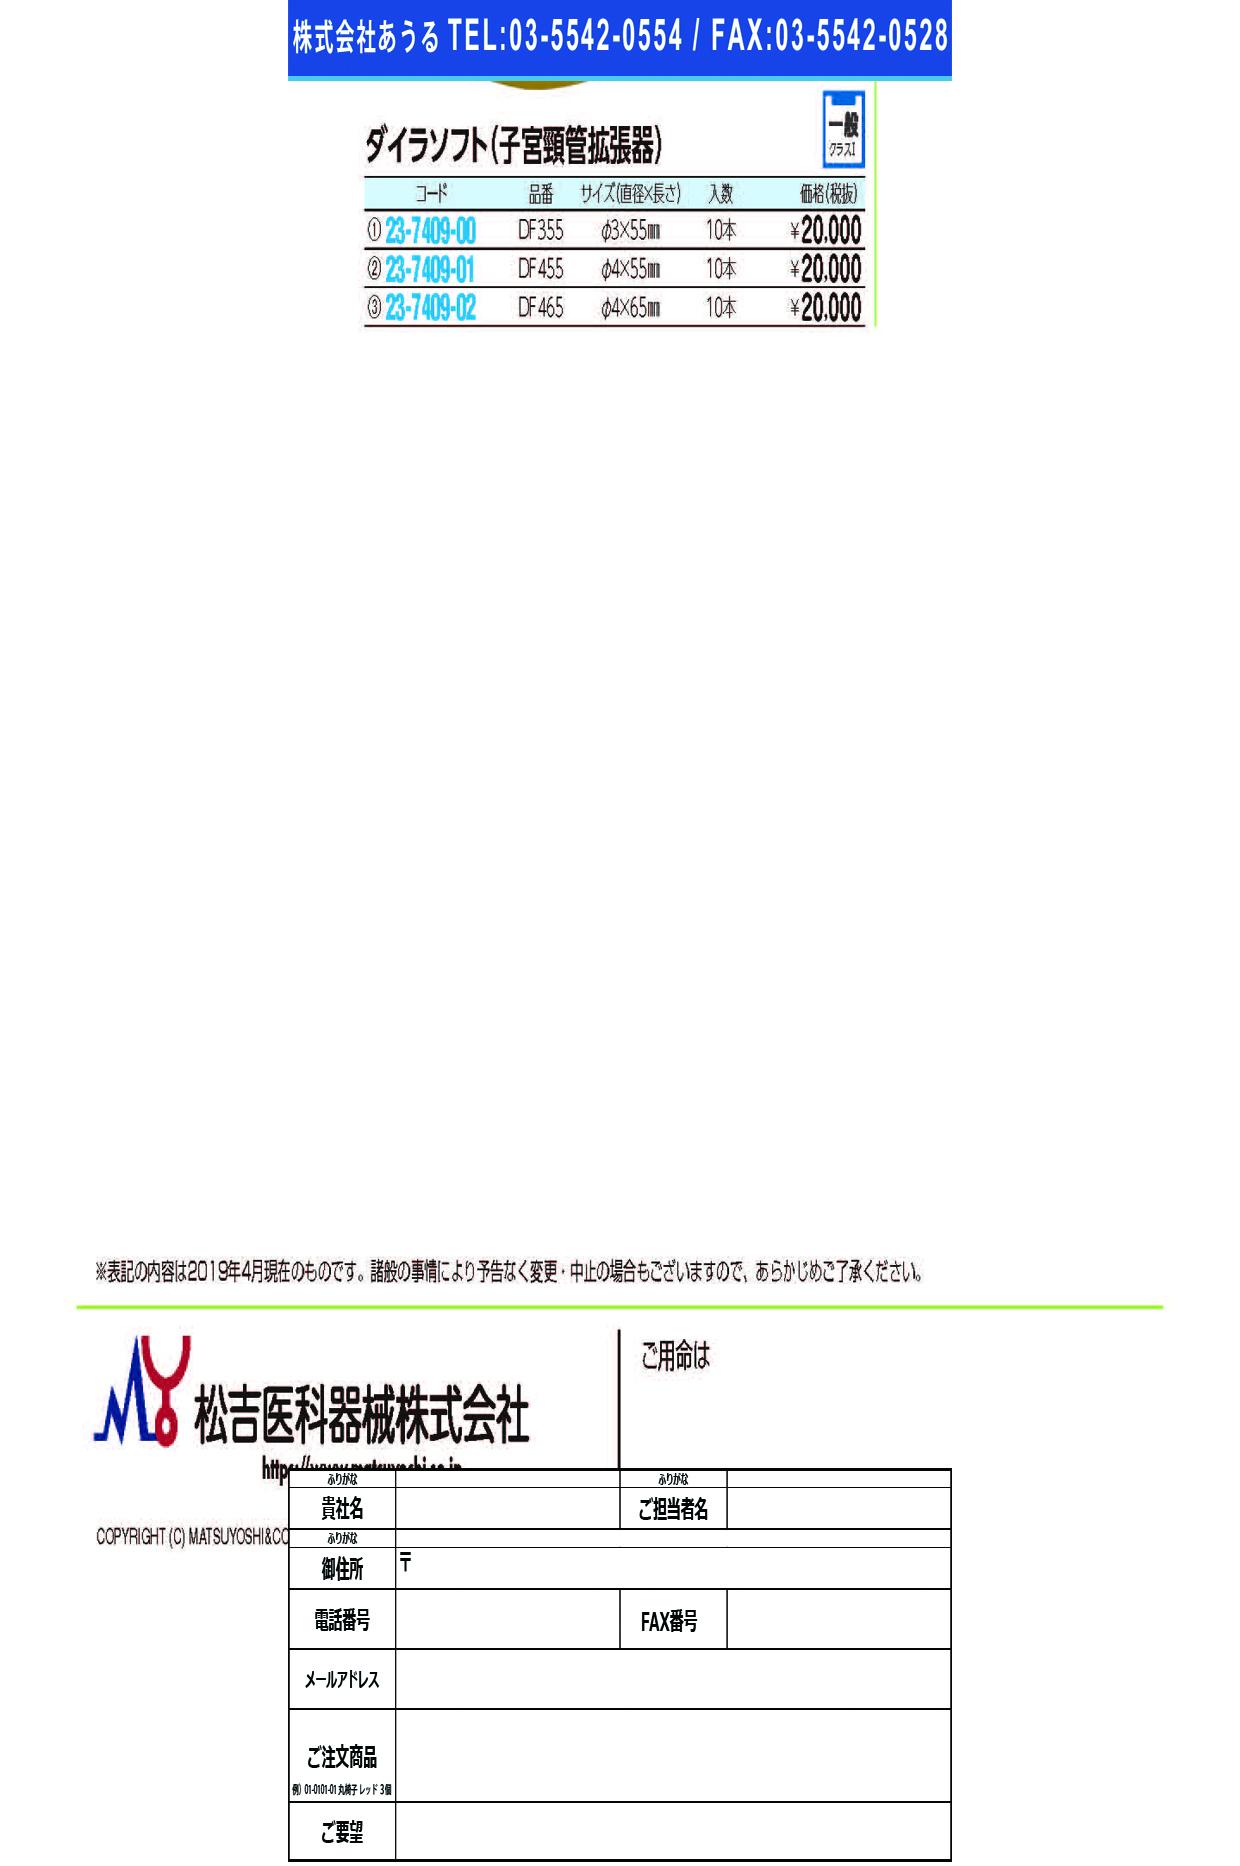 (23-7409-02)子宮頸管拡張器ダイラソフト DF465(4X65MM)10ポン ケイカンカクチョウキダイラソフト【1箱単位】【2019年カタログ商品】